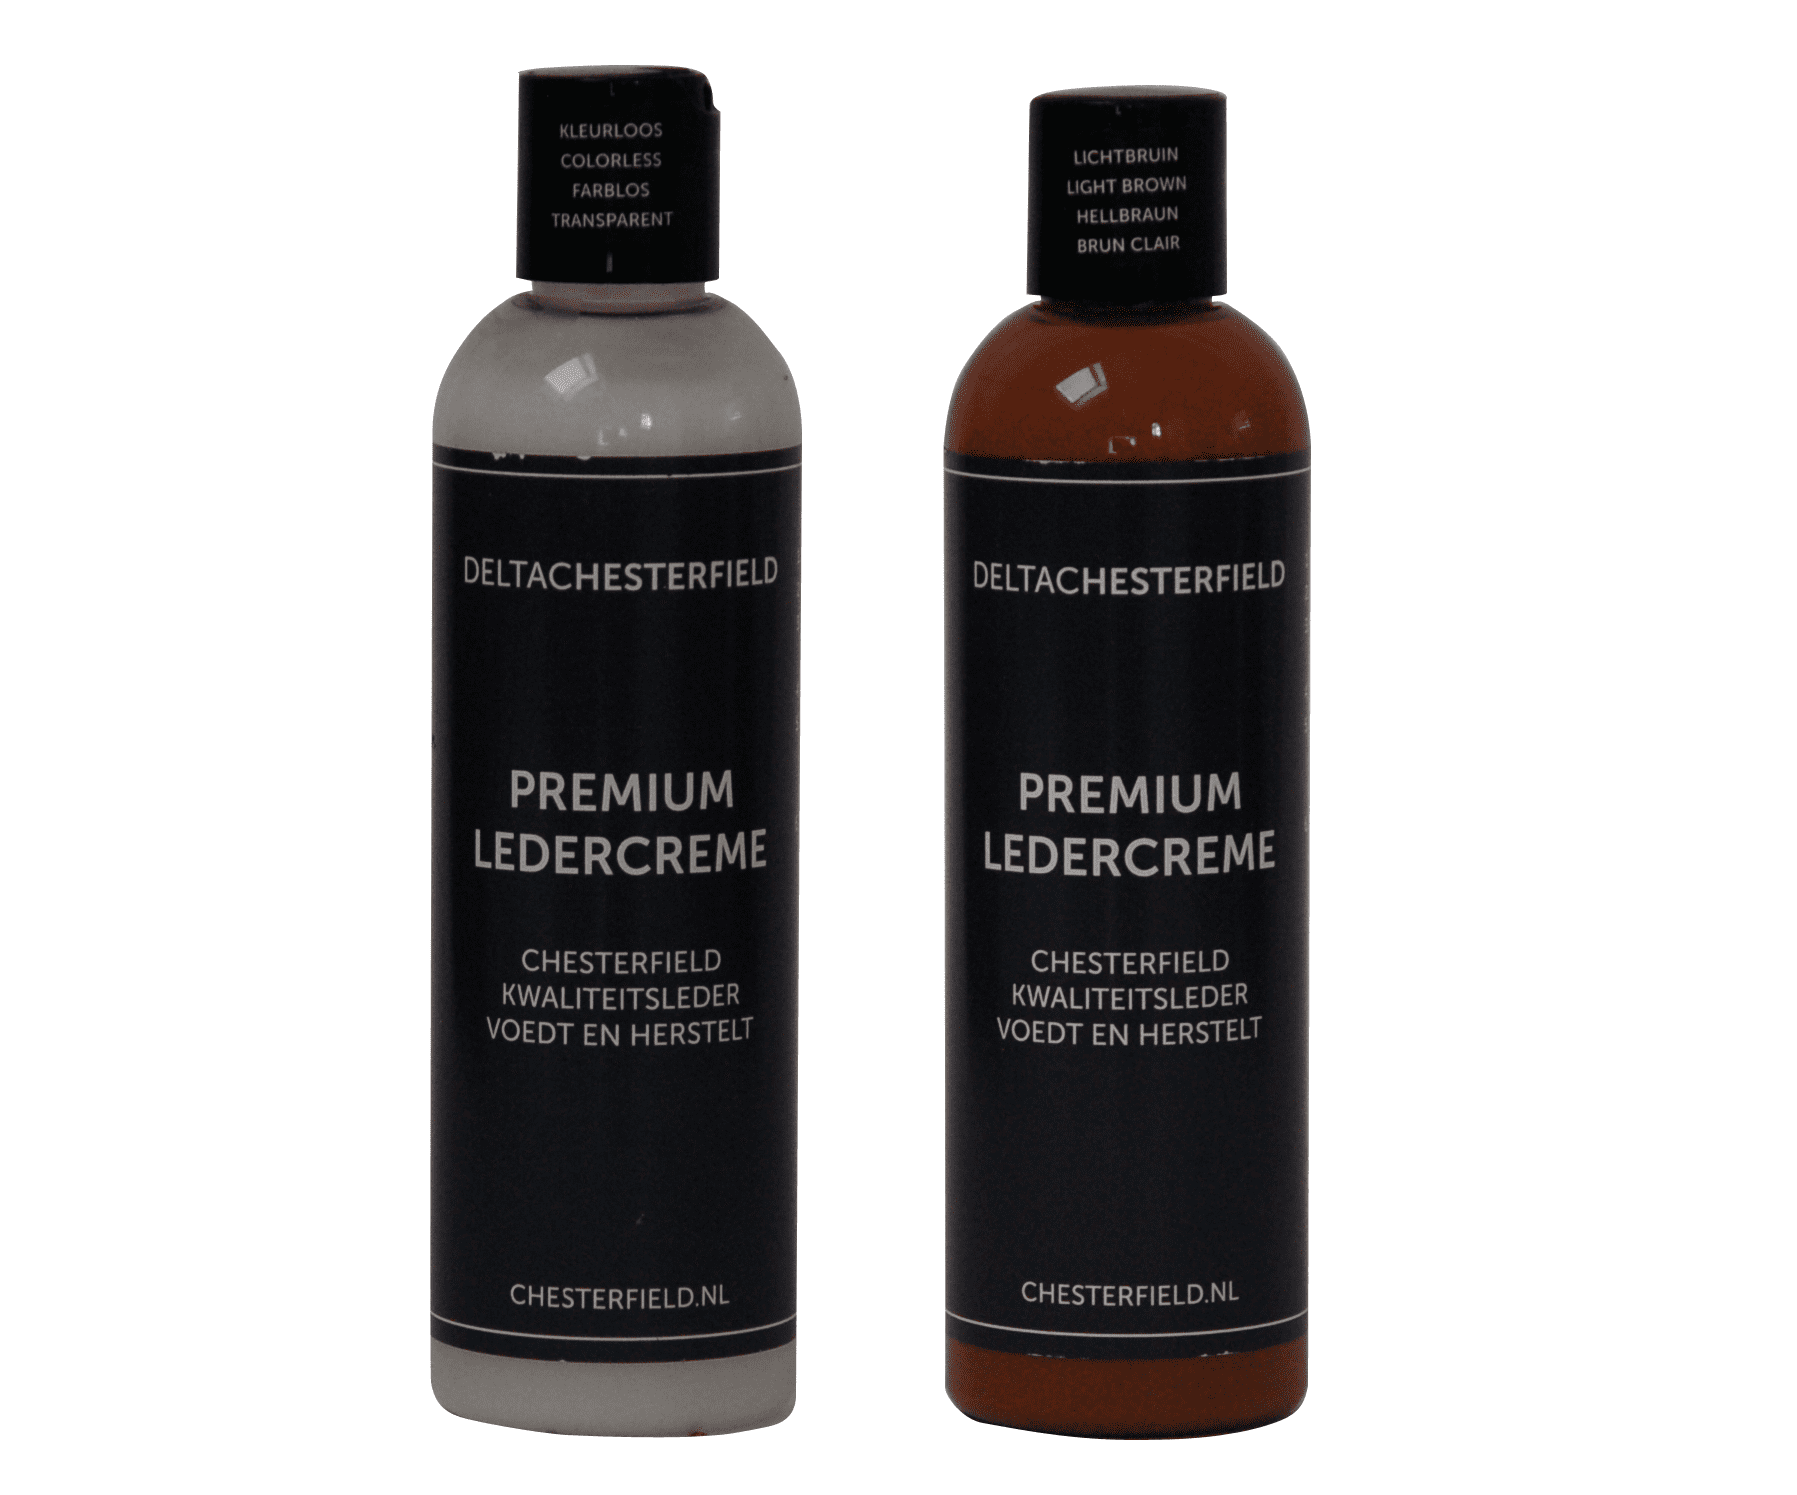 premium ledercreme kleurloos-licht bruin voordeelset